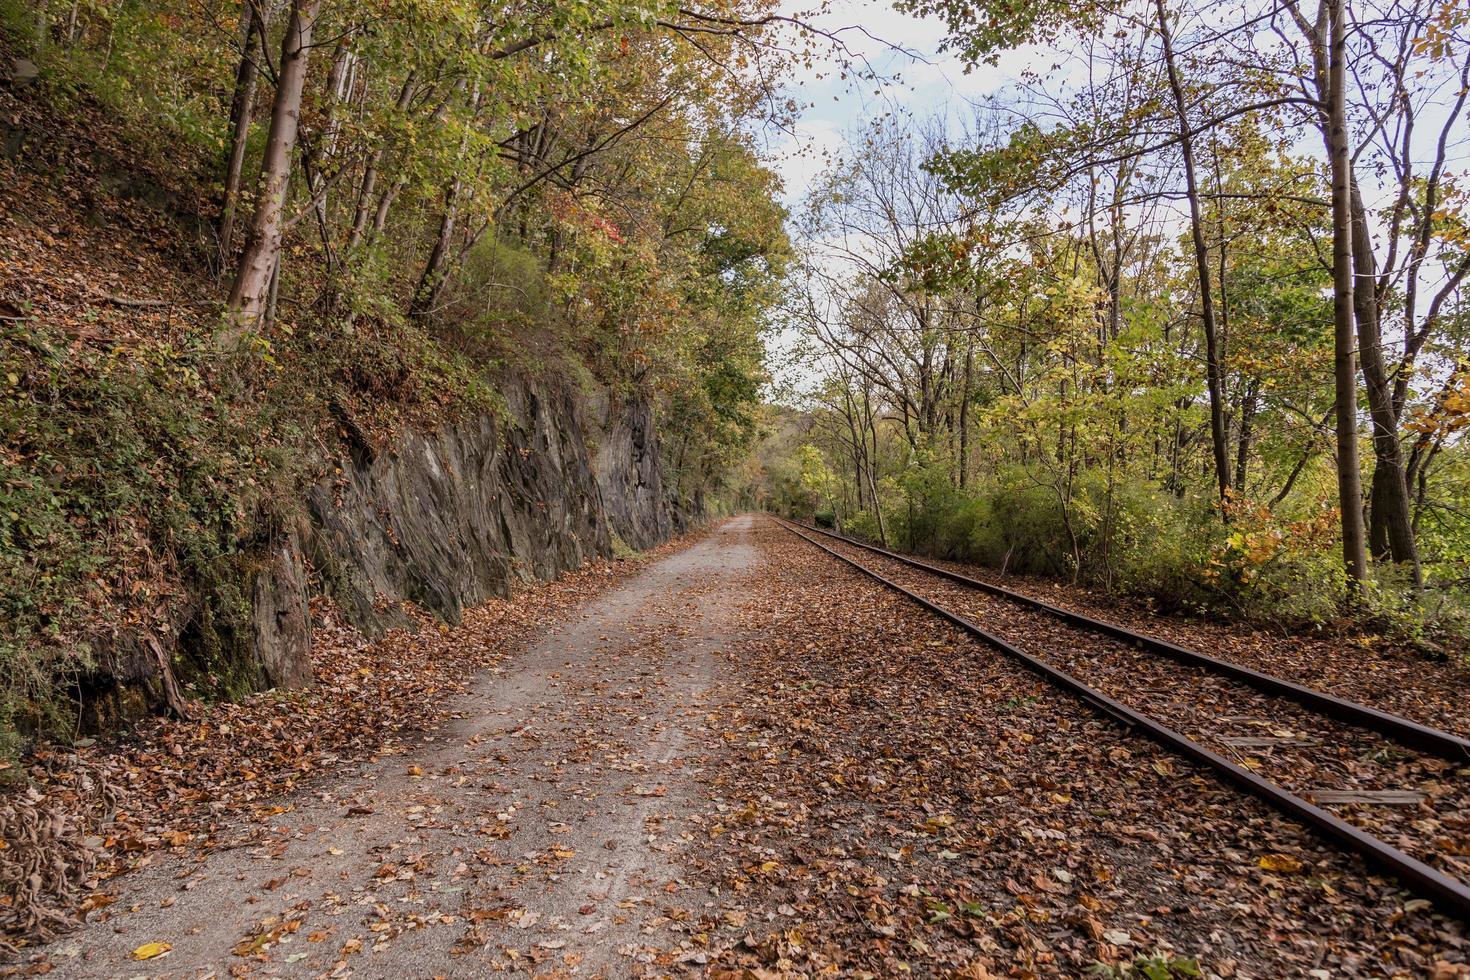 Autumn path along railroad tracks photo